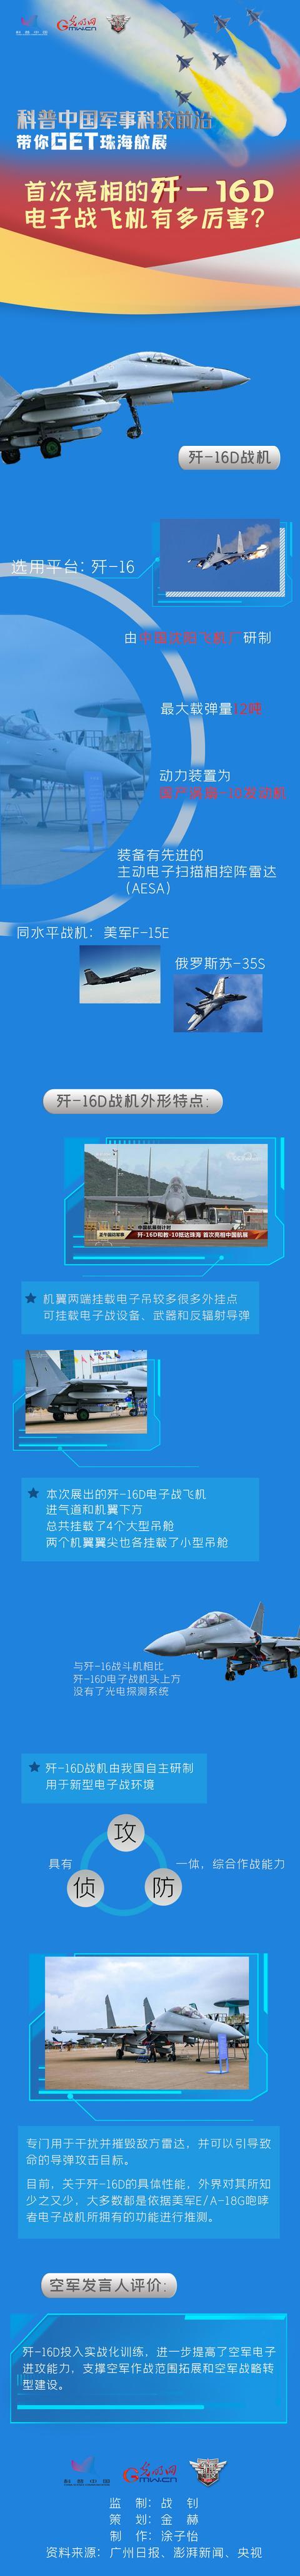 首次亮相的歼-16D电子战飞机有多厉害?